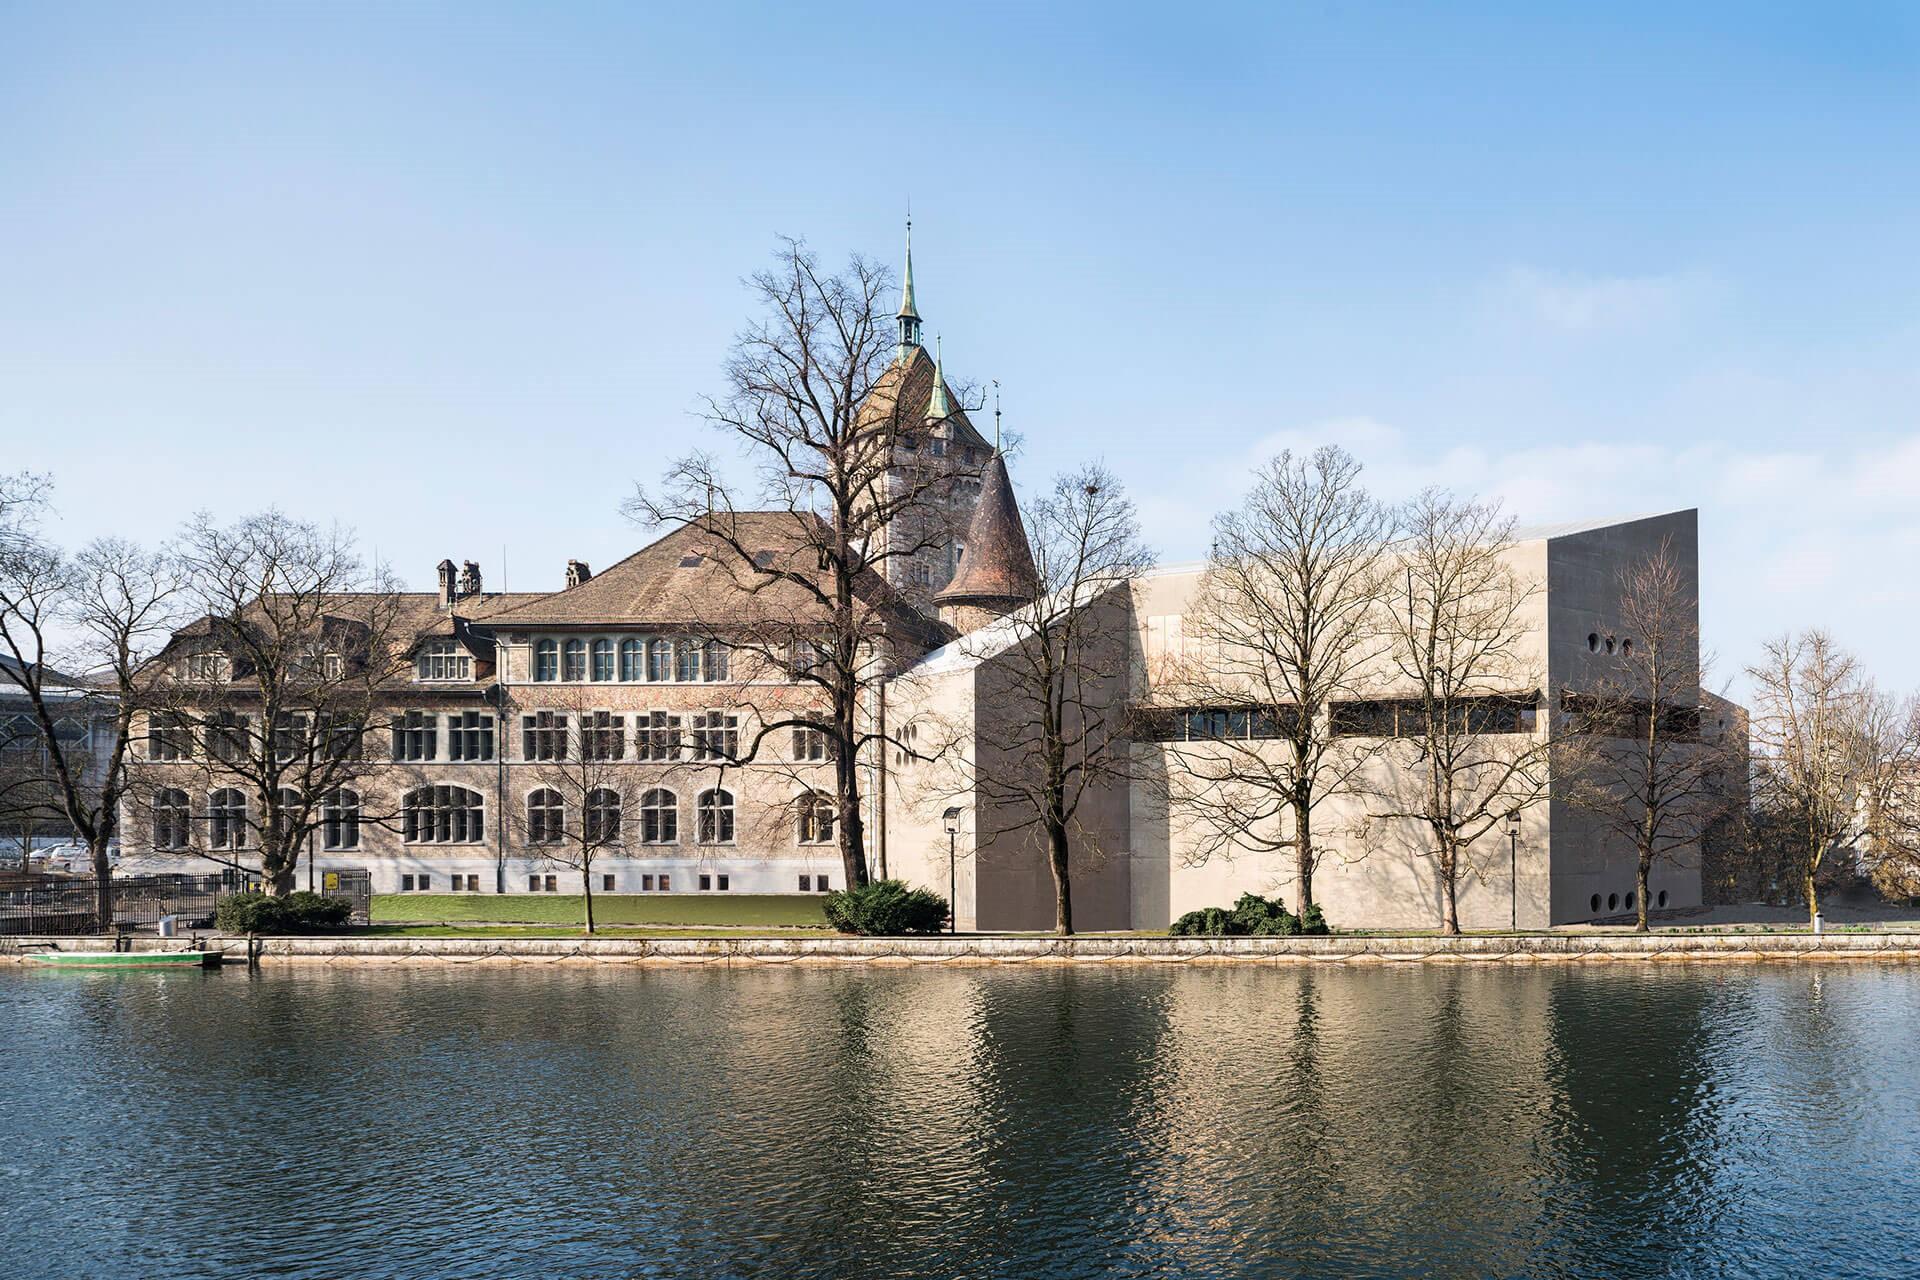 Erweiterung Schweizerisches Landesmuseum Zürich